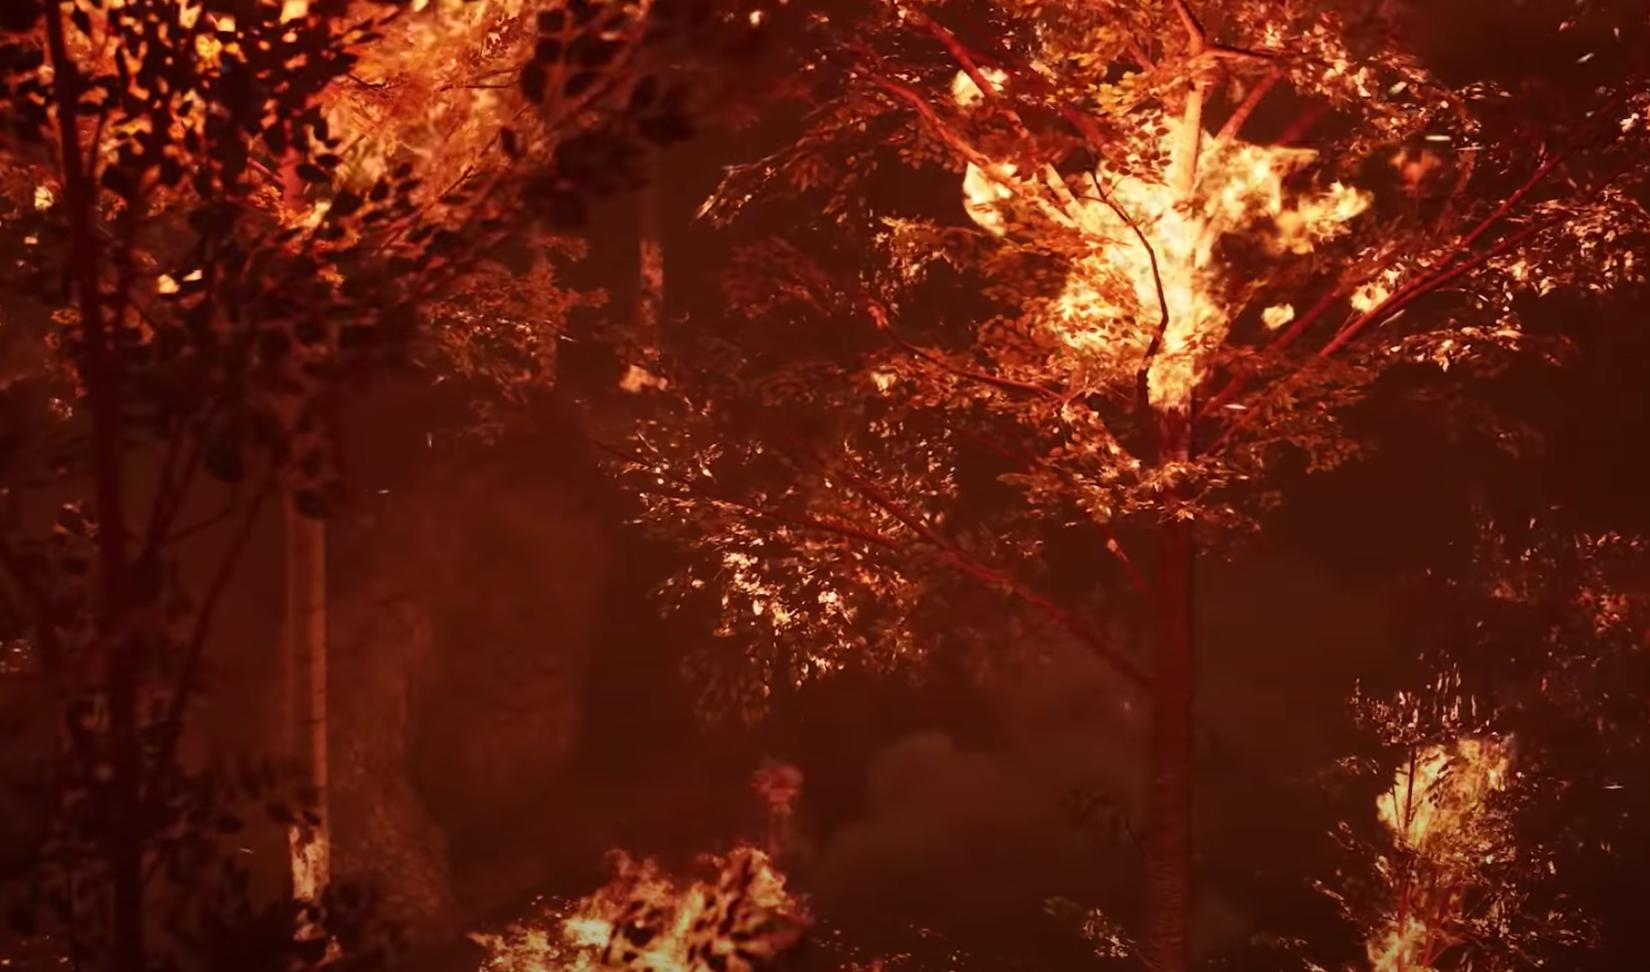 Tại nhân gian, hỏa long vẫy đuôi tương ứng với hỏa hoạn xảy ra (Ảnh chụp màn hình video)